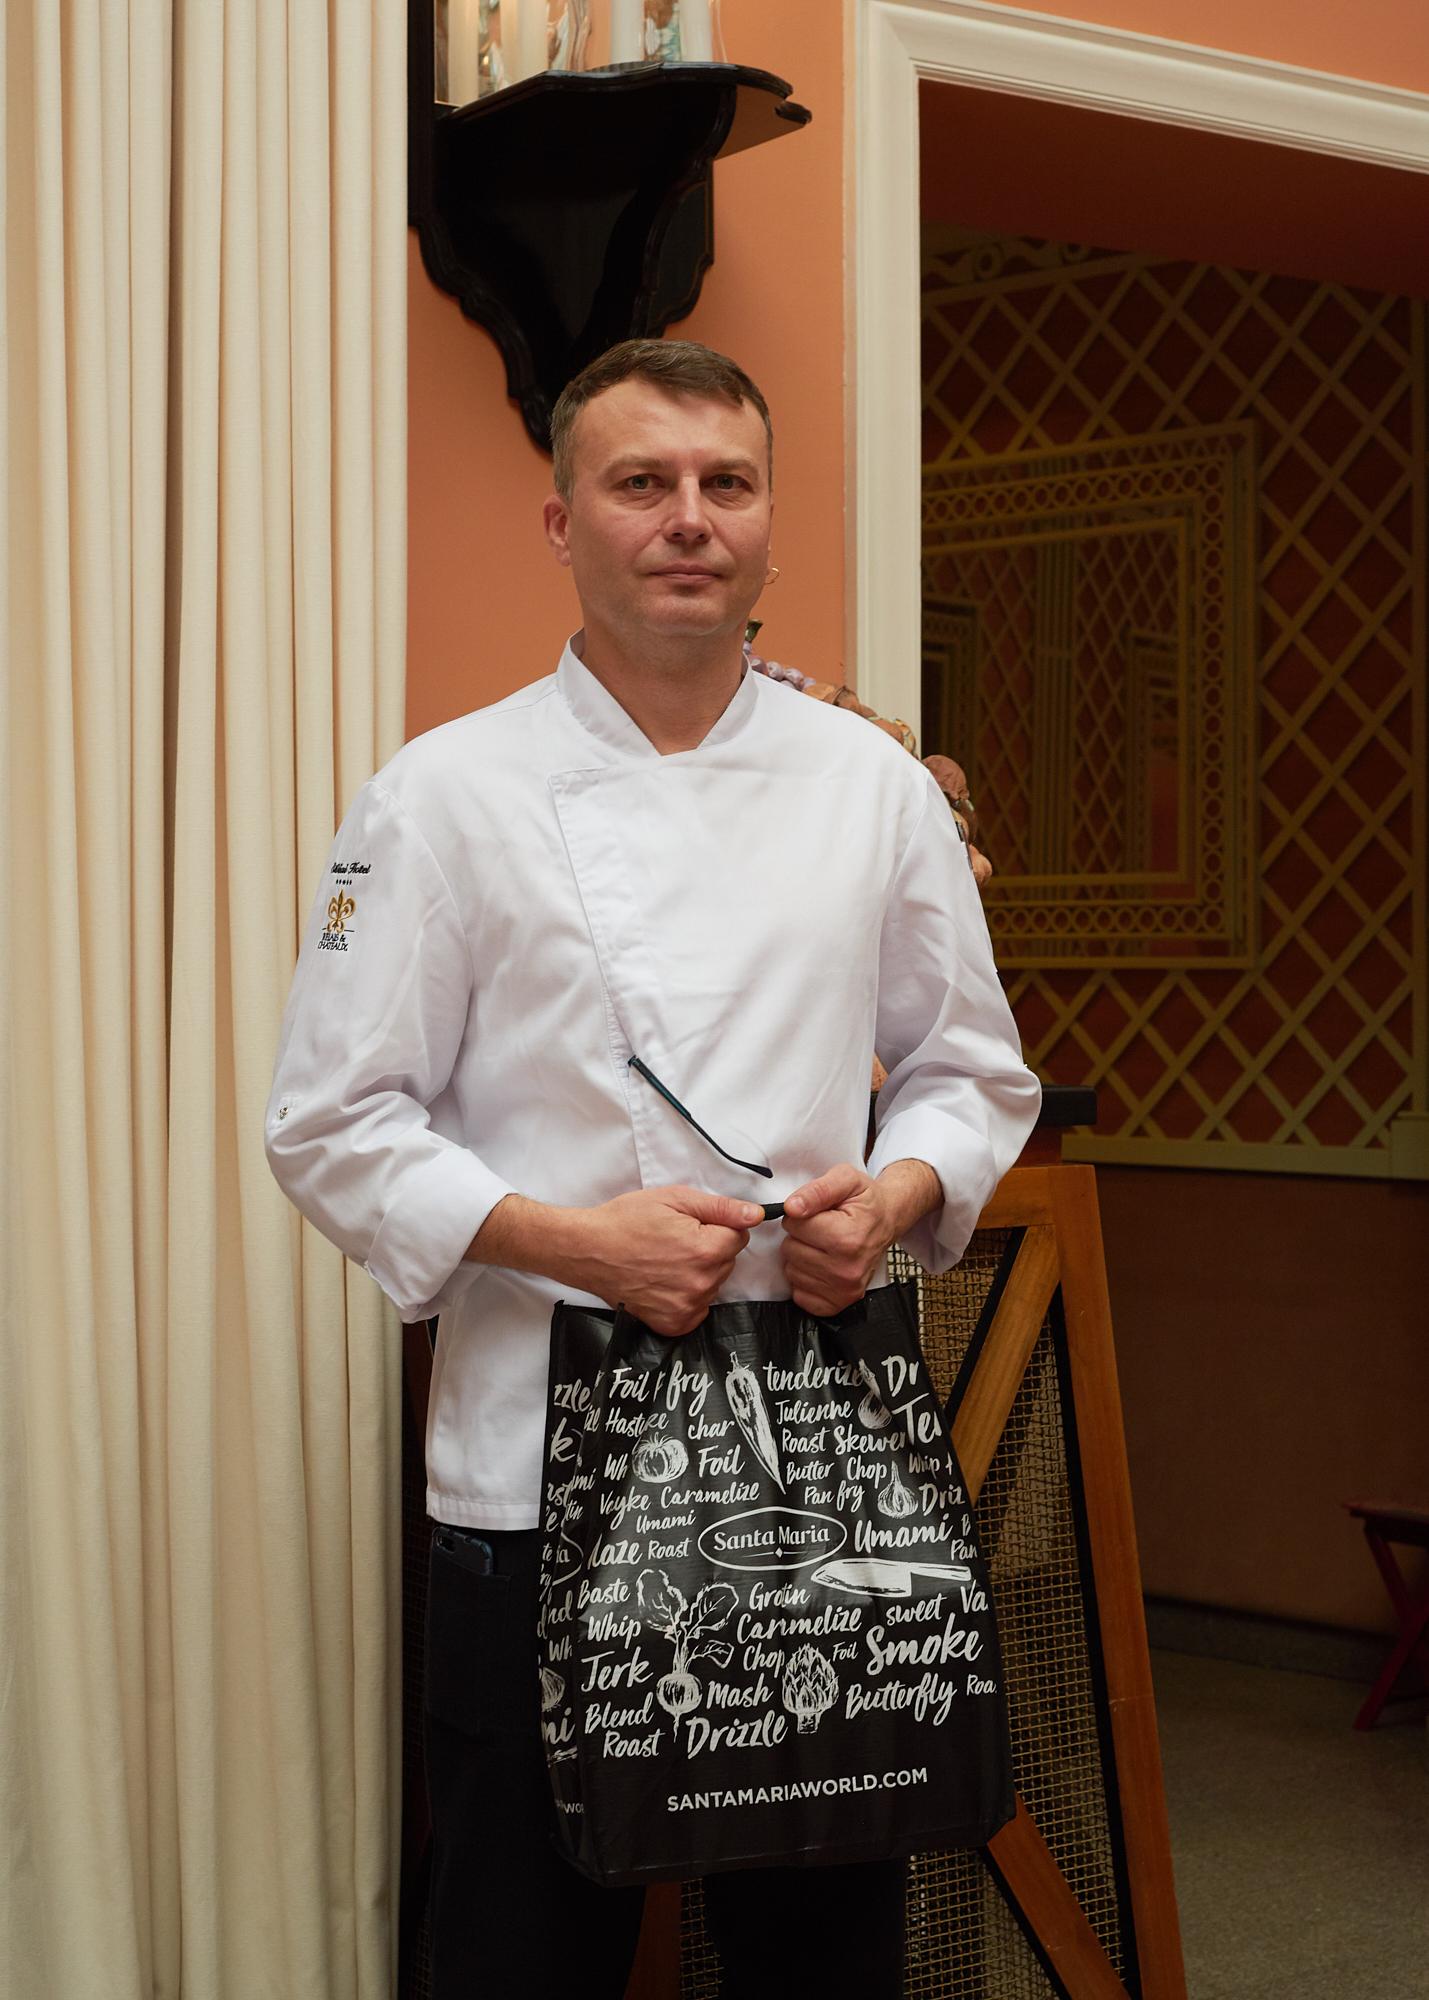 Stiklių virtuvės šefas Rytis Kairys